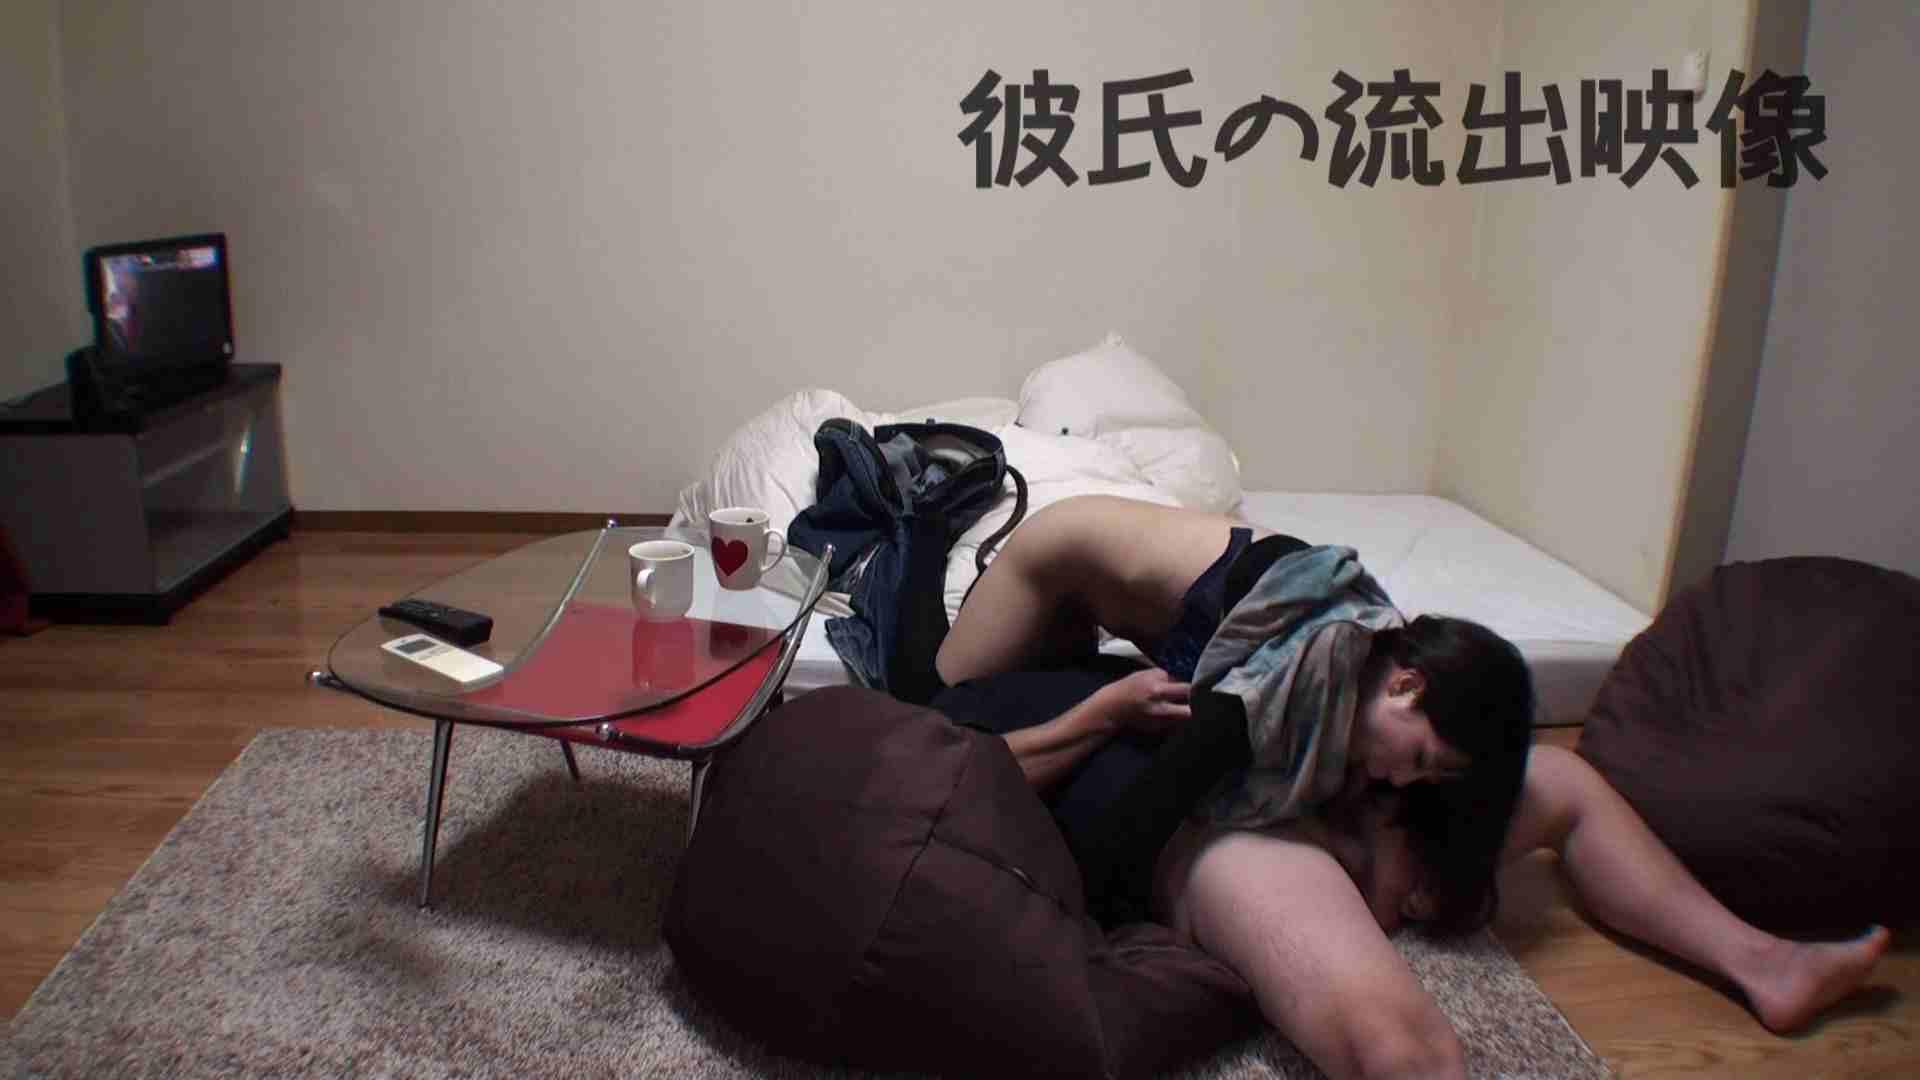 彼氏が流出 パイパン素人嬢のハメ撮り映像02 一般投稿 | ギャル達のSEX  61画像 33